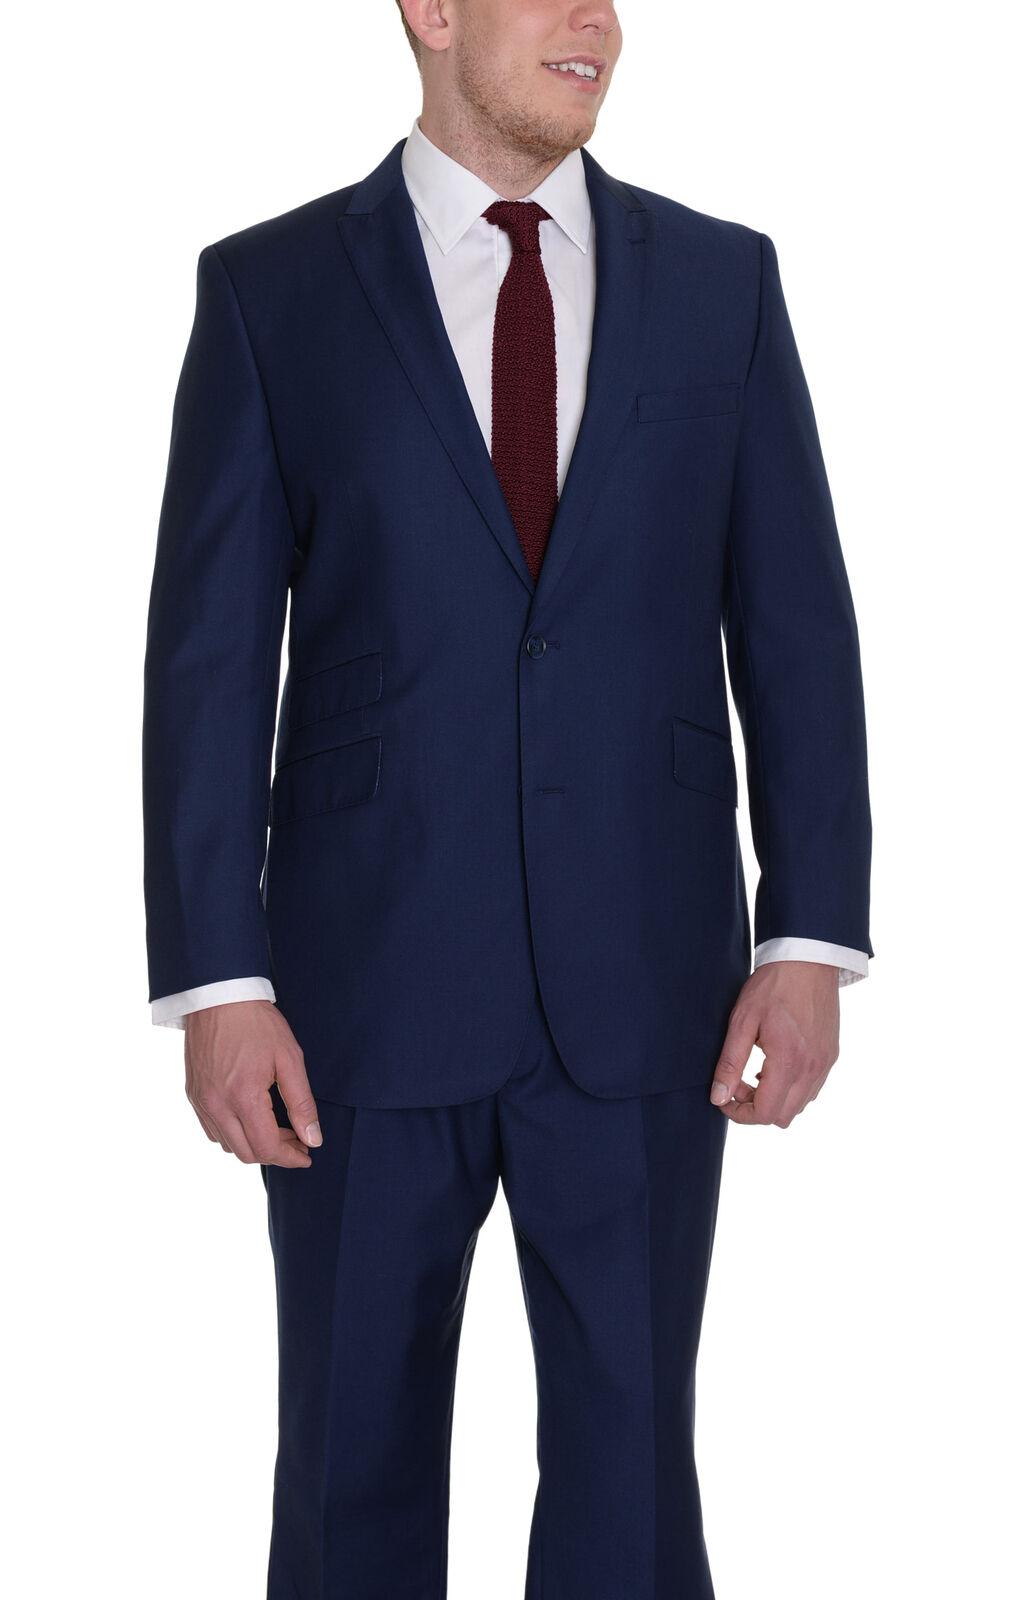 Herren 50 L Raphael Einfarbig Blau Anzug mit Spitze und Fahrkarte Tasche